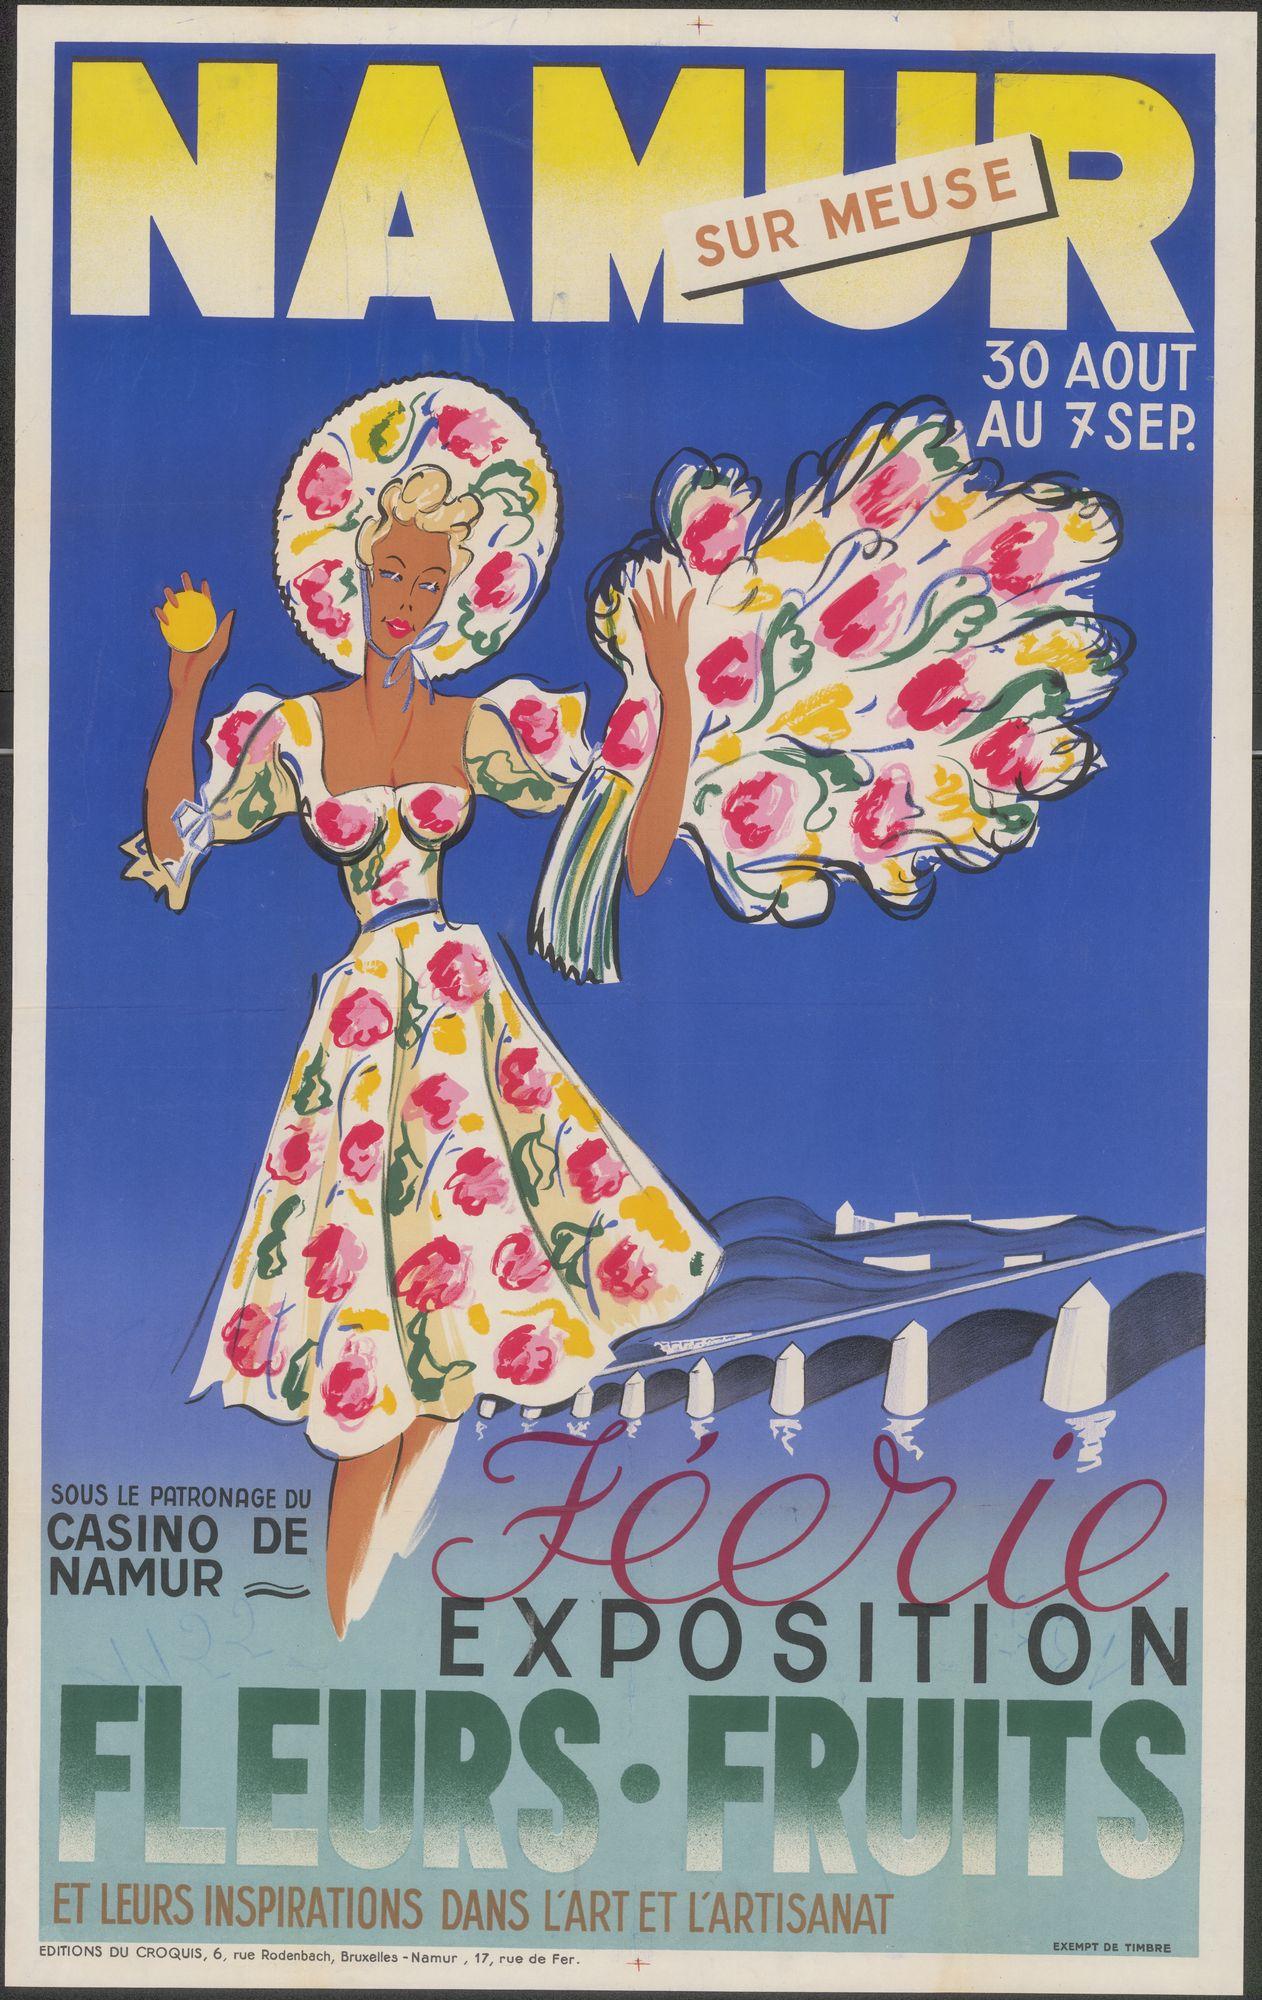 Féerie exposition Fleurs.Fruits et leurs inspirations dans l'Art et l'Artisanat, sous le patronage du Casino de Namur, Namur, 30 augustus au 7 september 1947